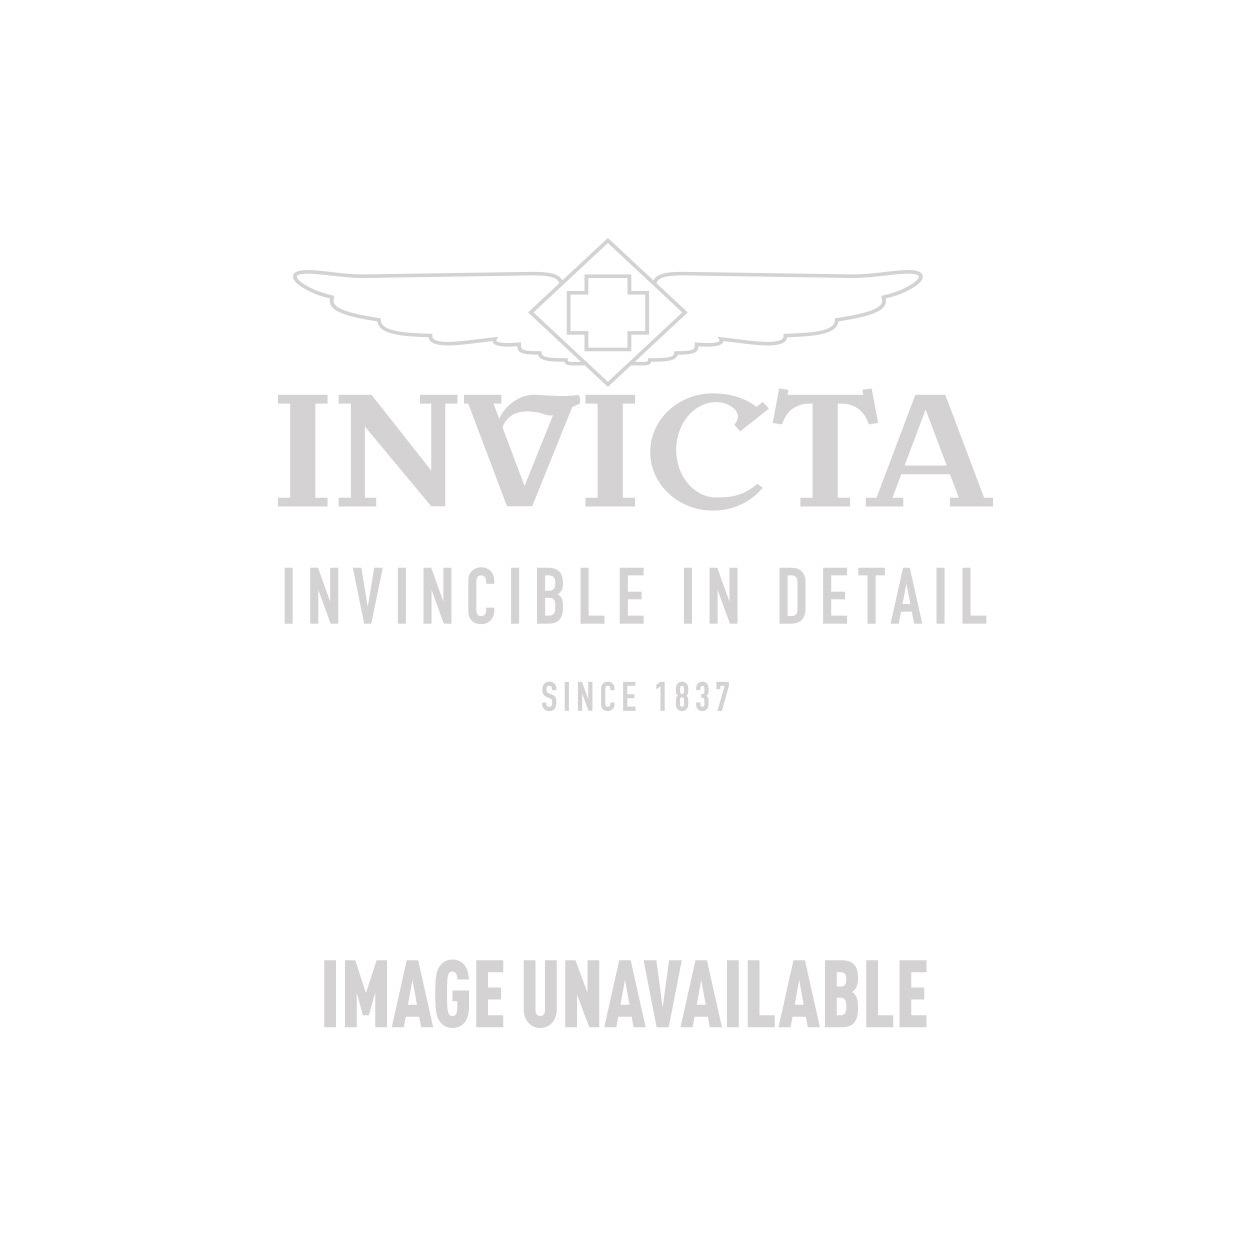 Invicta Model 29313